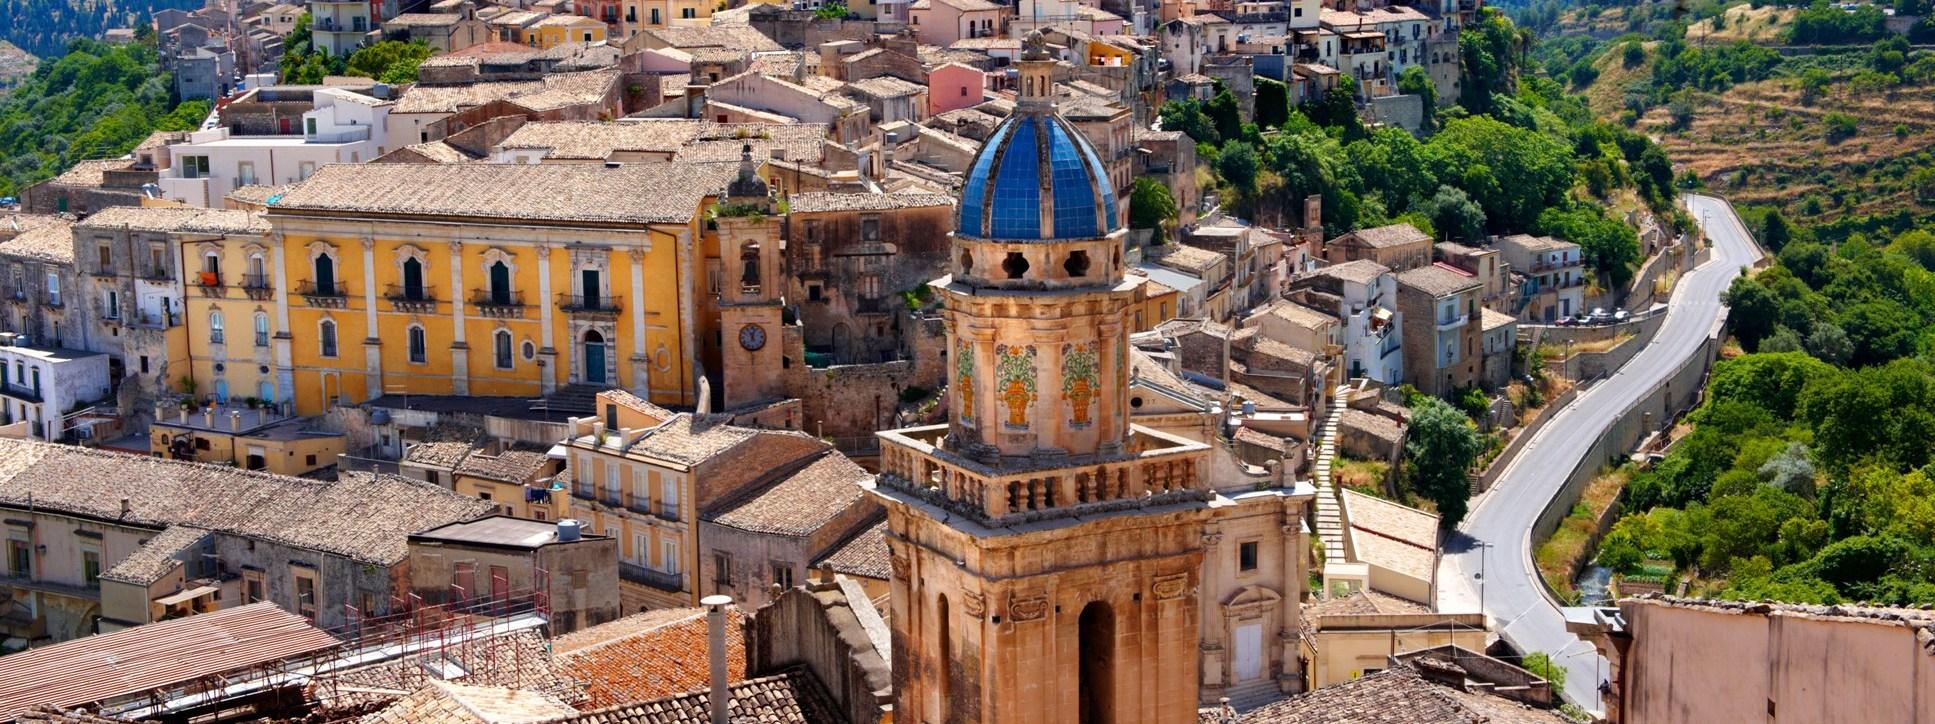 Sicilija avionom aranžmani putovanje uskrs prvi maj